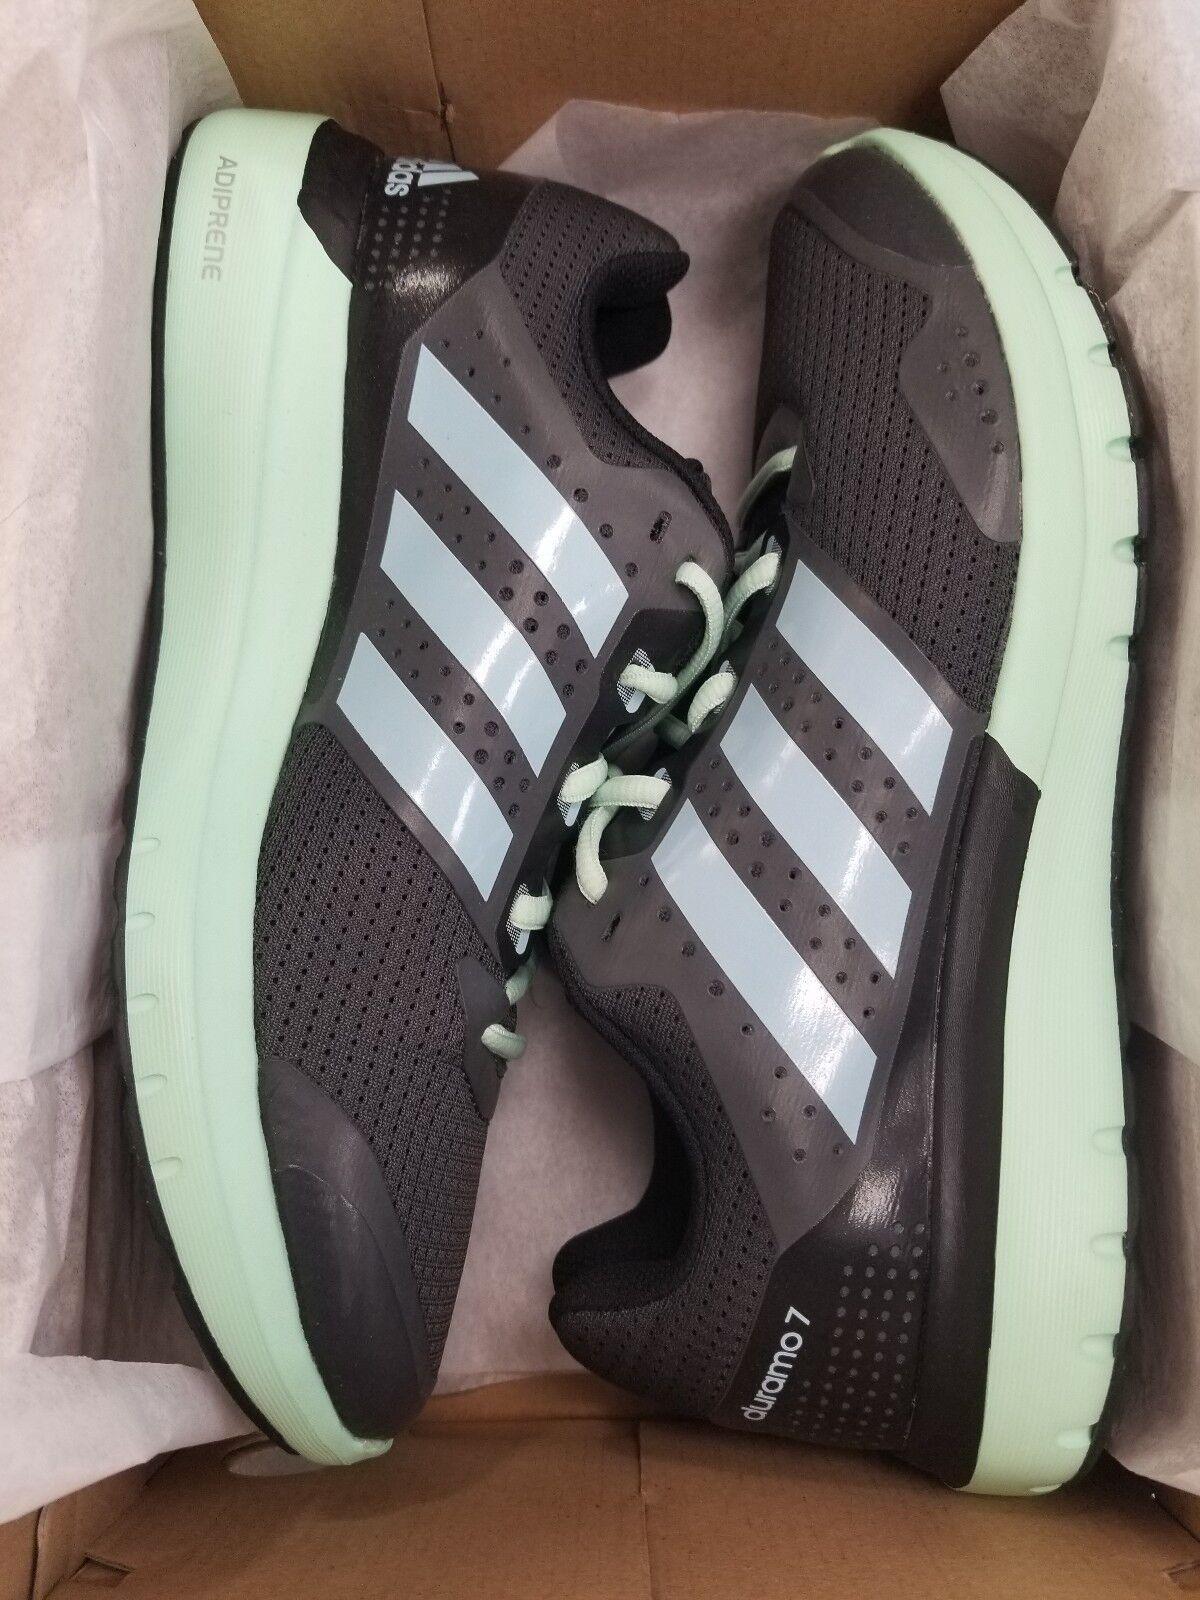 Adidas Women's Women's Women's Duramo 7 W  SIZE  9M  Women's Running shoes, Grey bluee Green, NWB 86ed0c